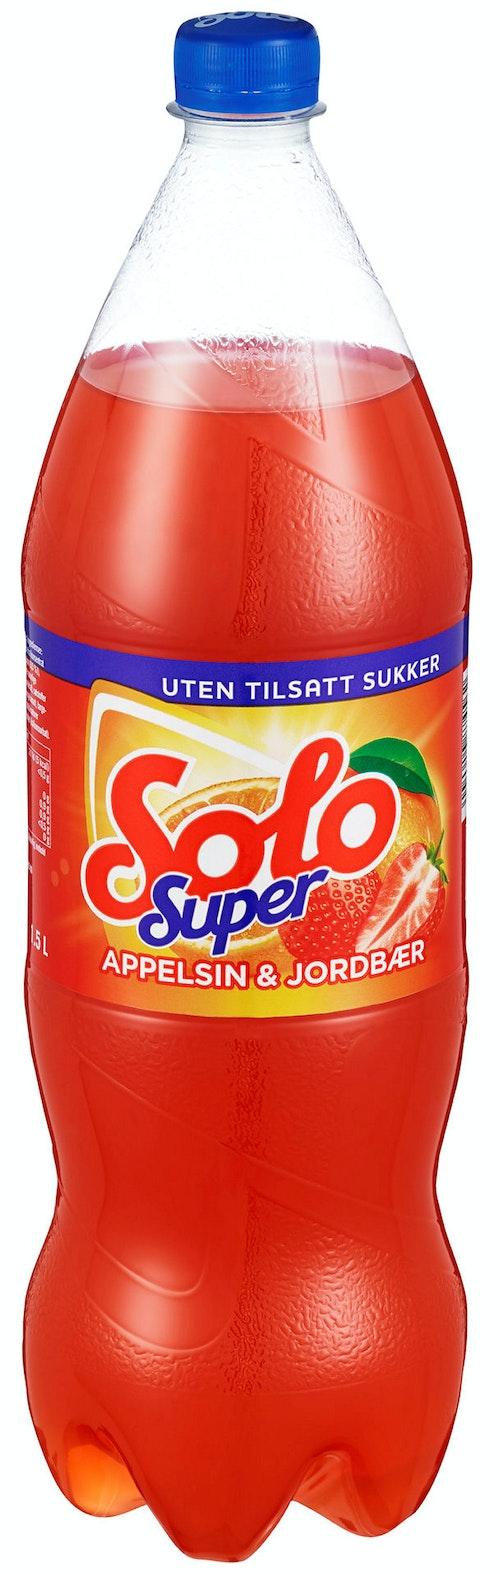 Solo Solo Super Appelsin & Jordbær 1,5 l